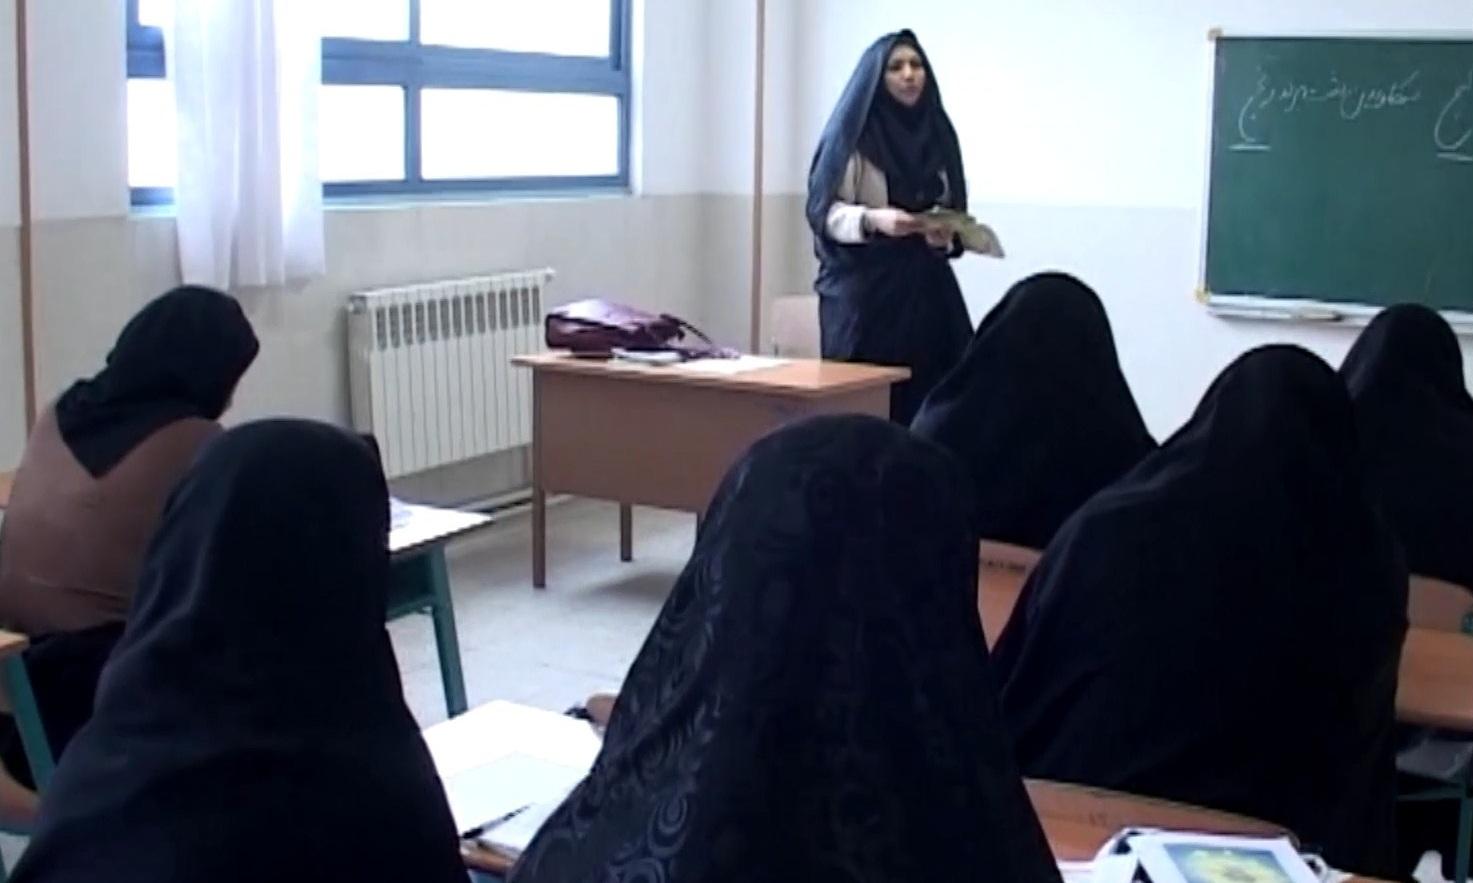 آمار و ارقام ترک تحصیل کرده های ایران چقدر است؟